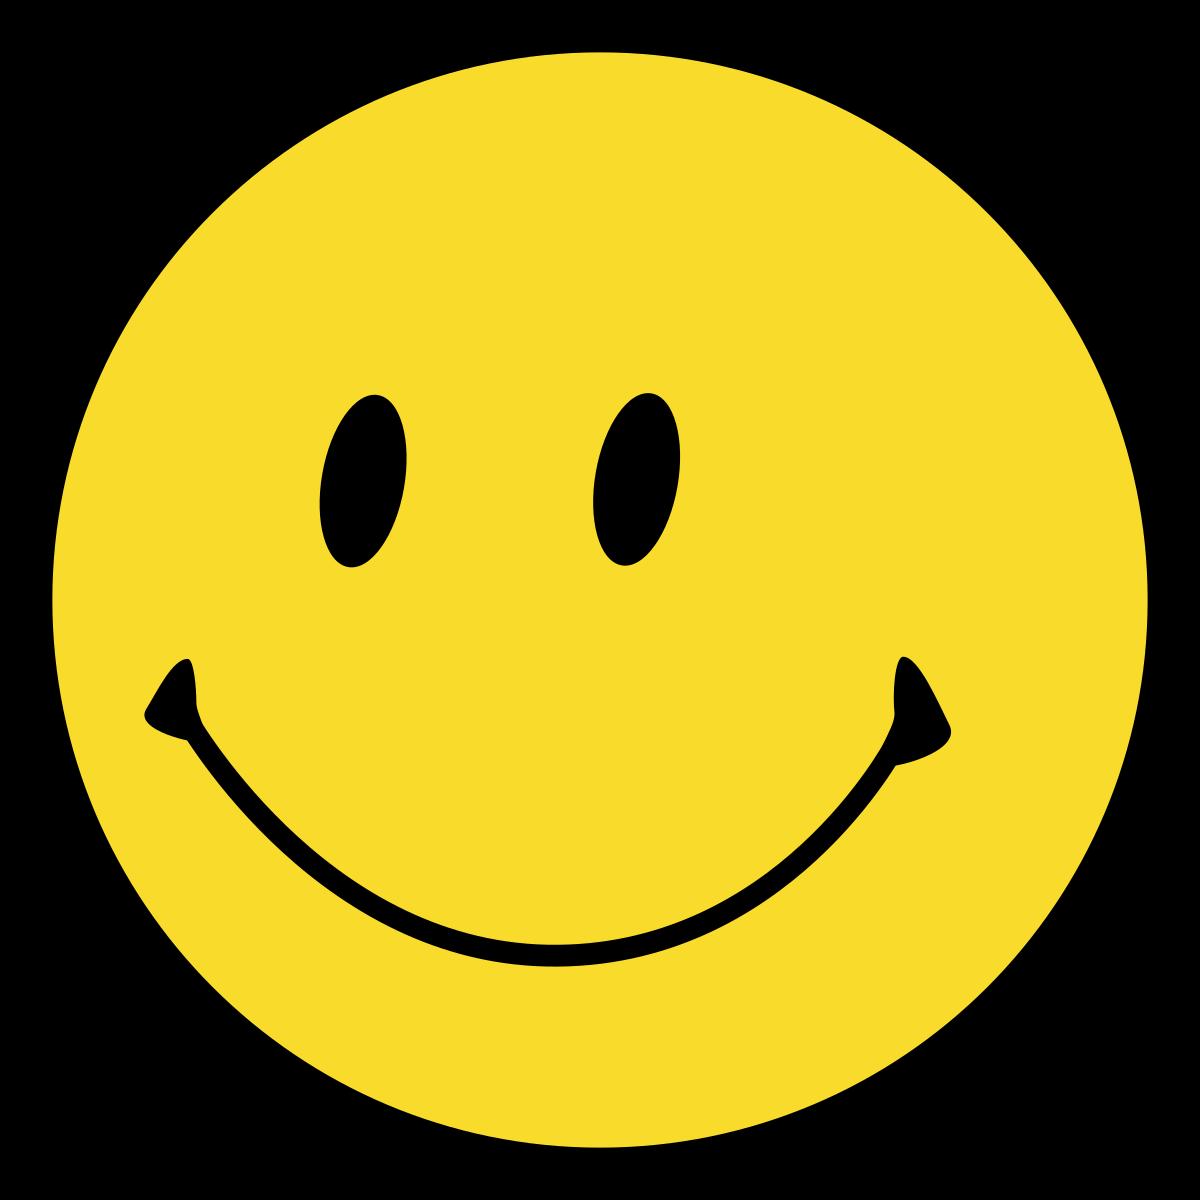 1200x1200 Smiley